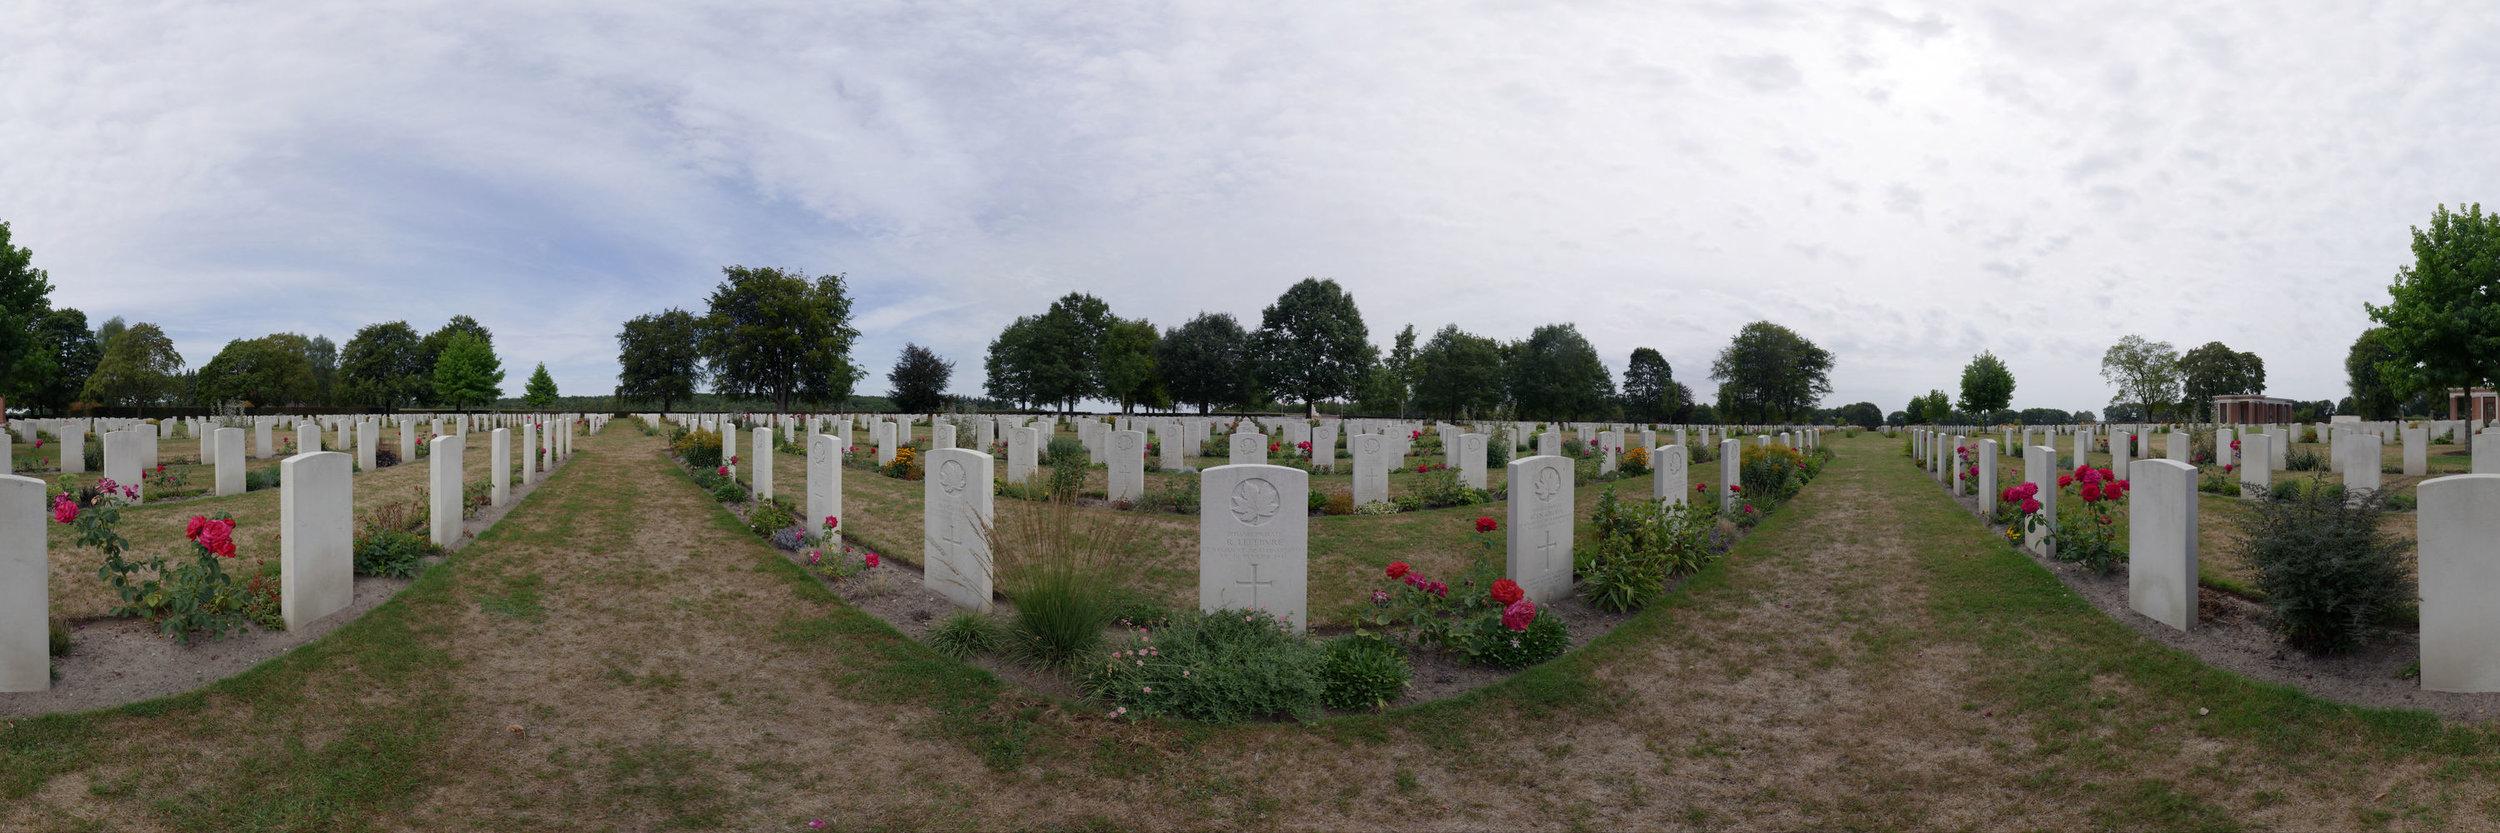 Der kanadische Soldatenfriedhof bei Nijmwegen